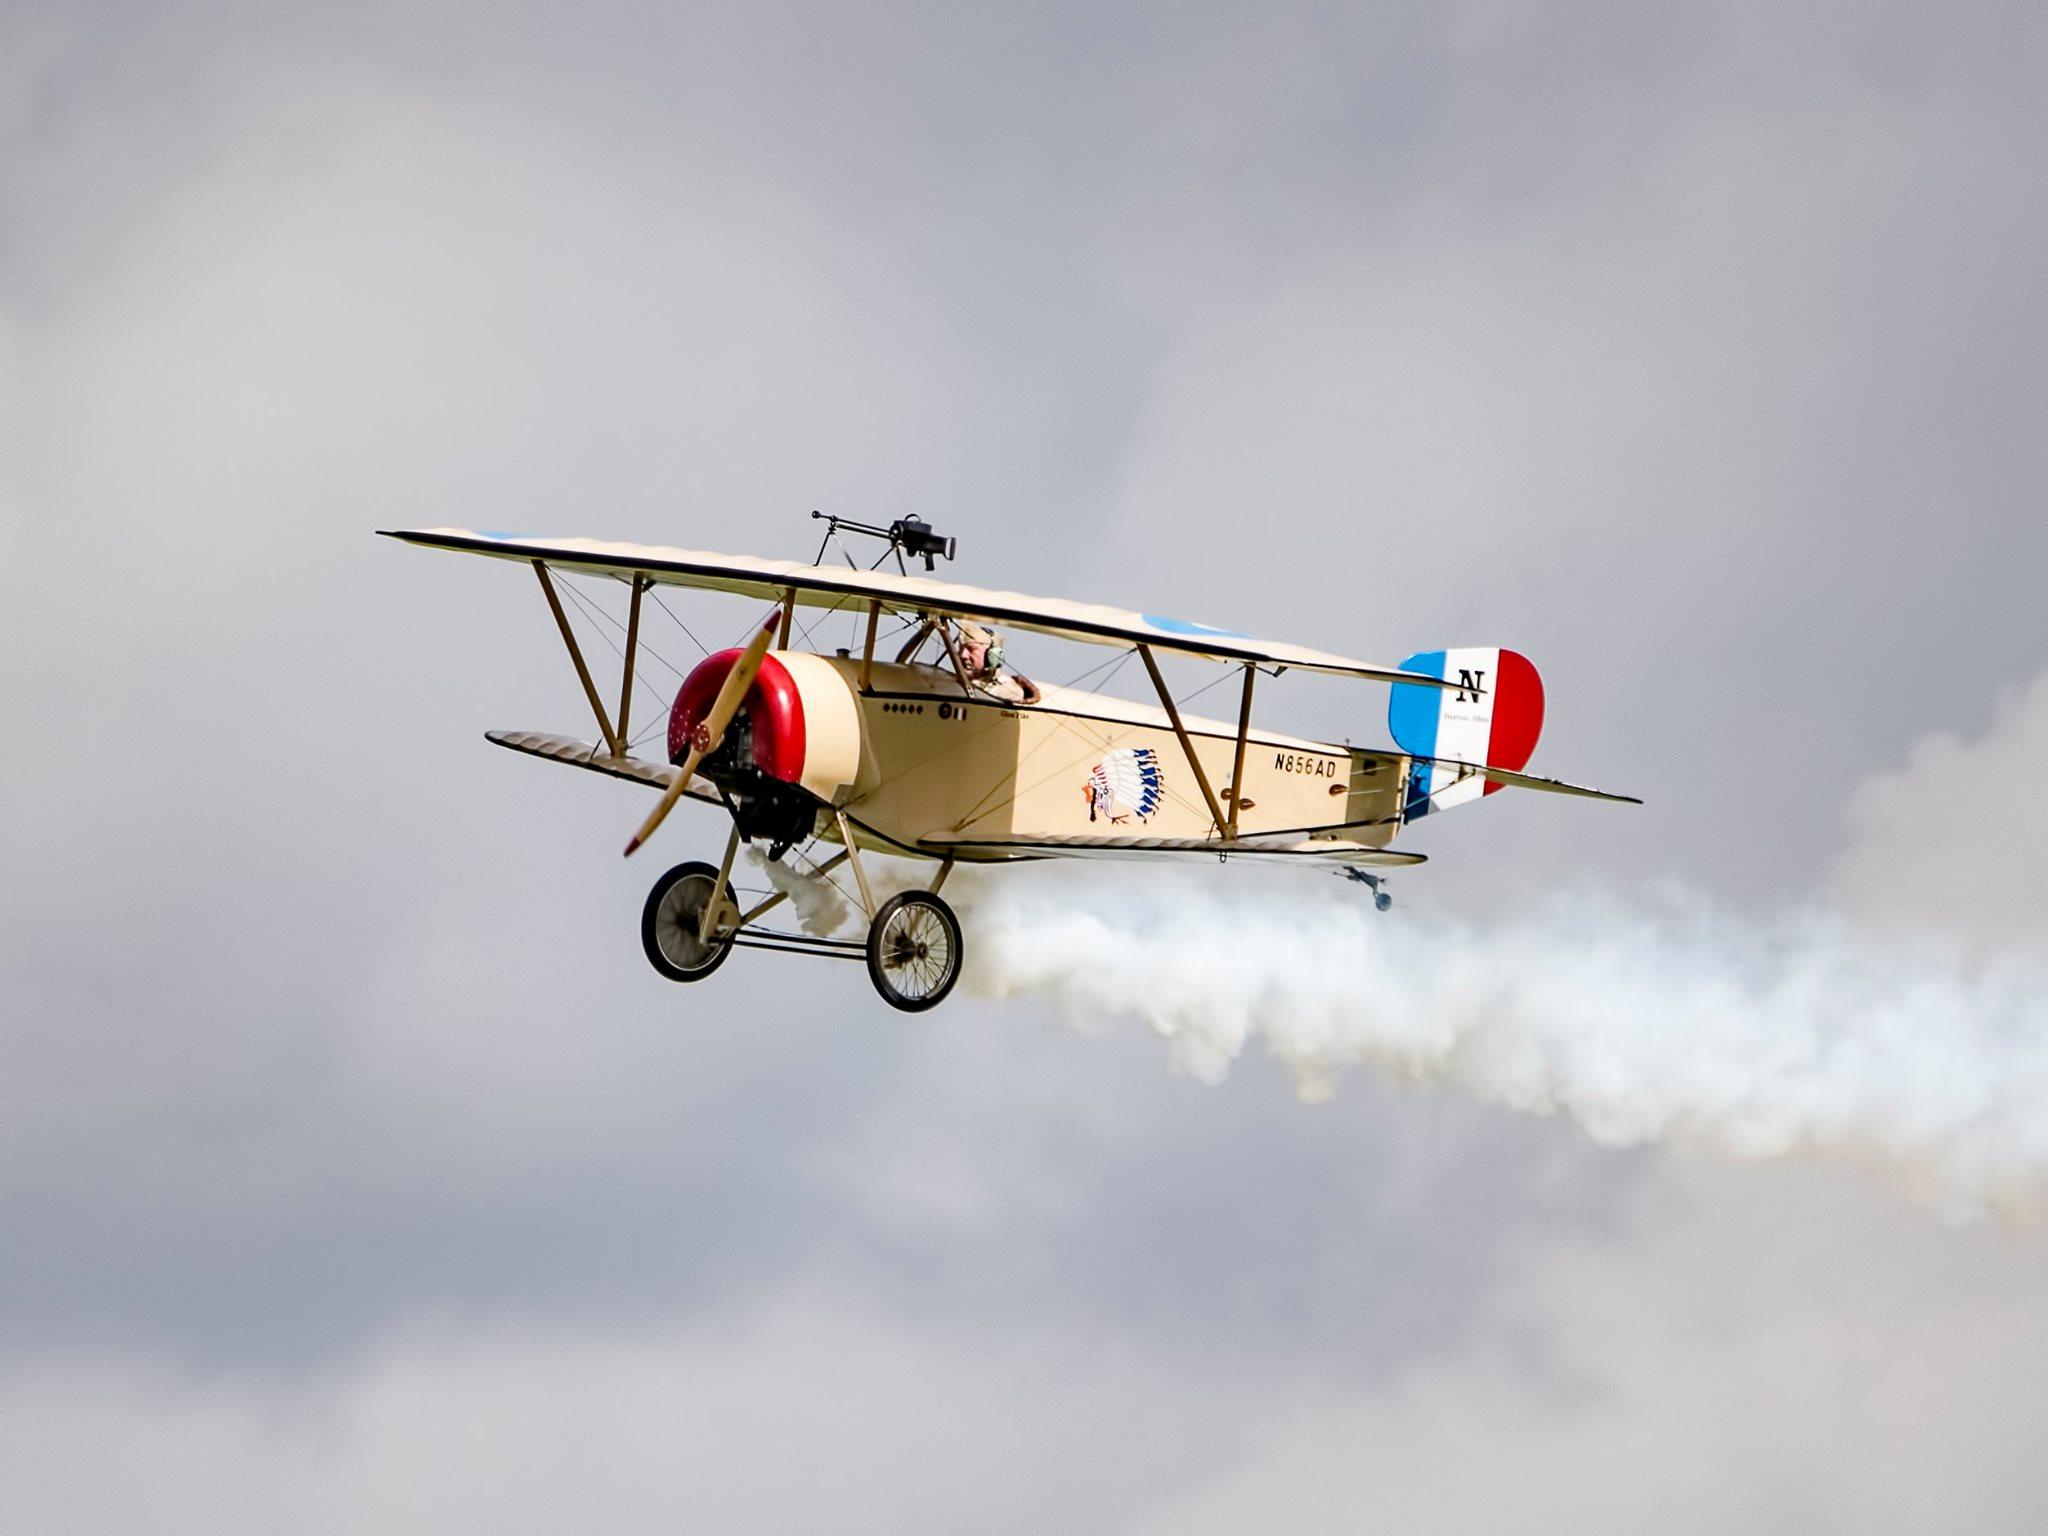 Nieuport at Dayton